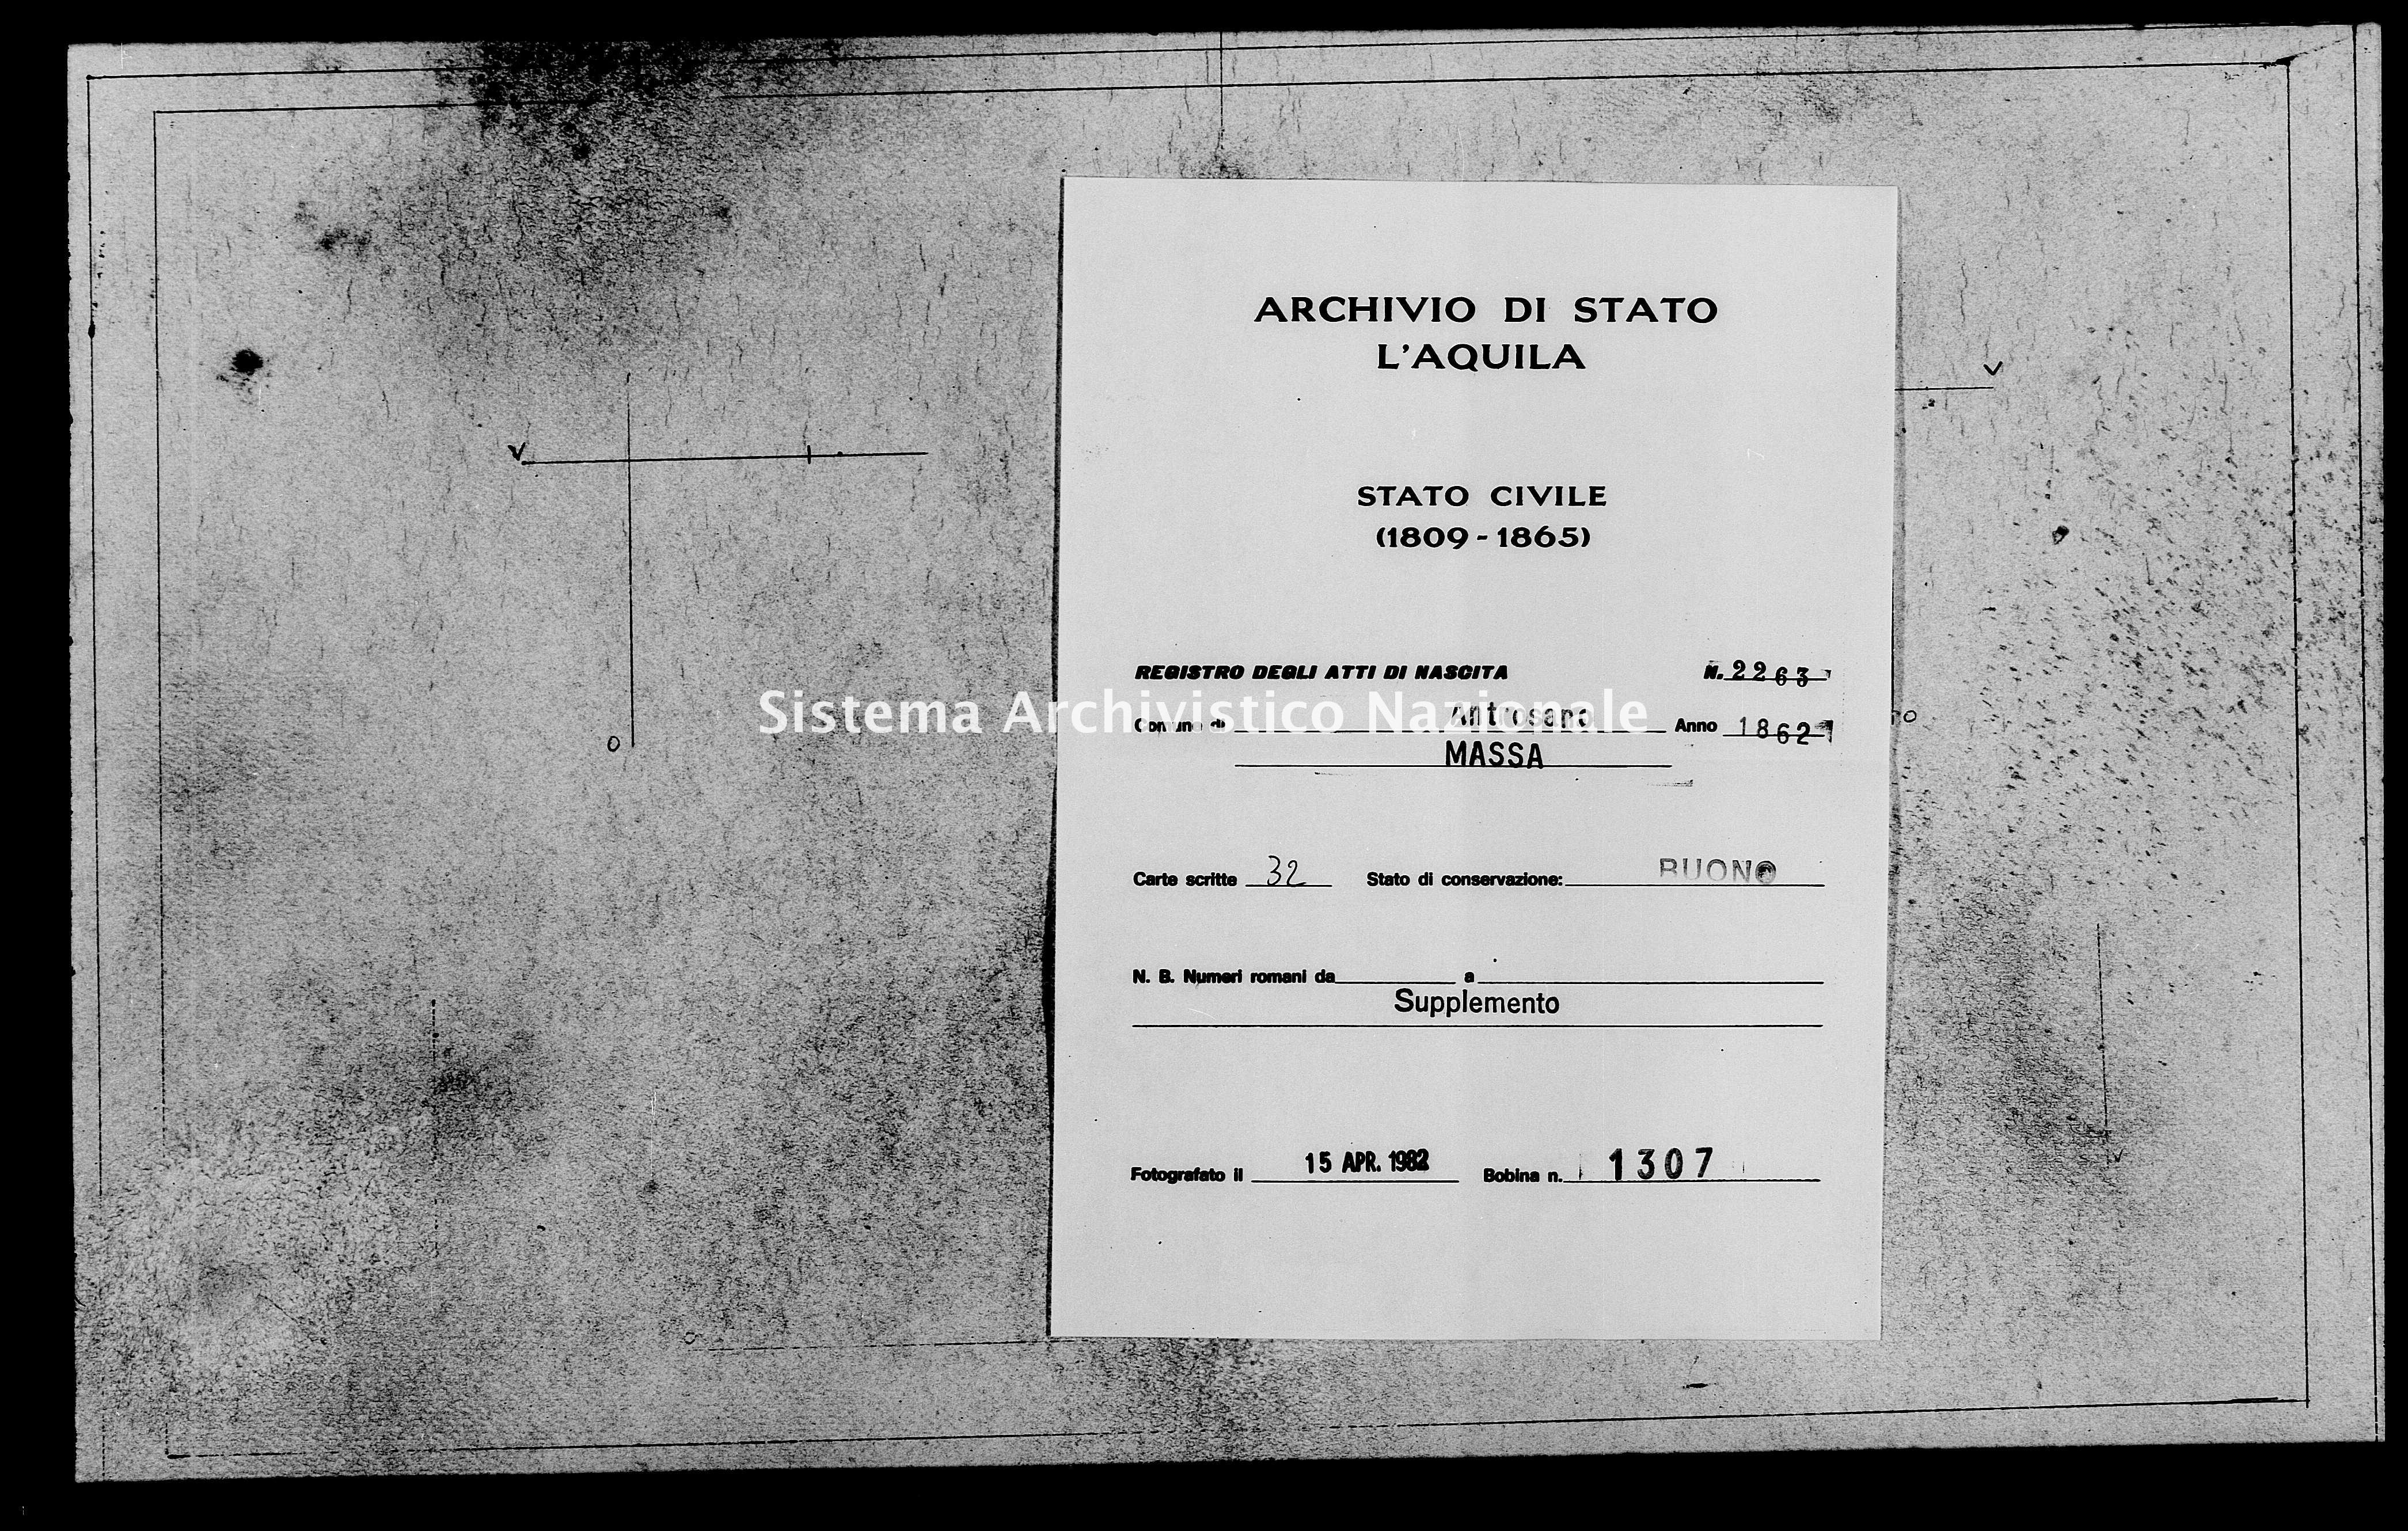 Archivio di stato di L'aquila - Stato civile italiano - Antrosano - Nati, battesimi - 1862 - 2263 -